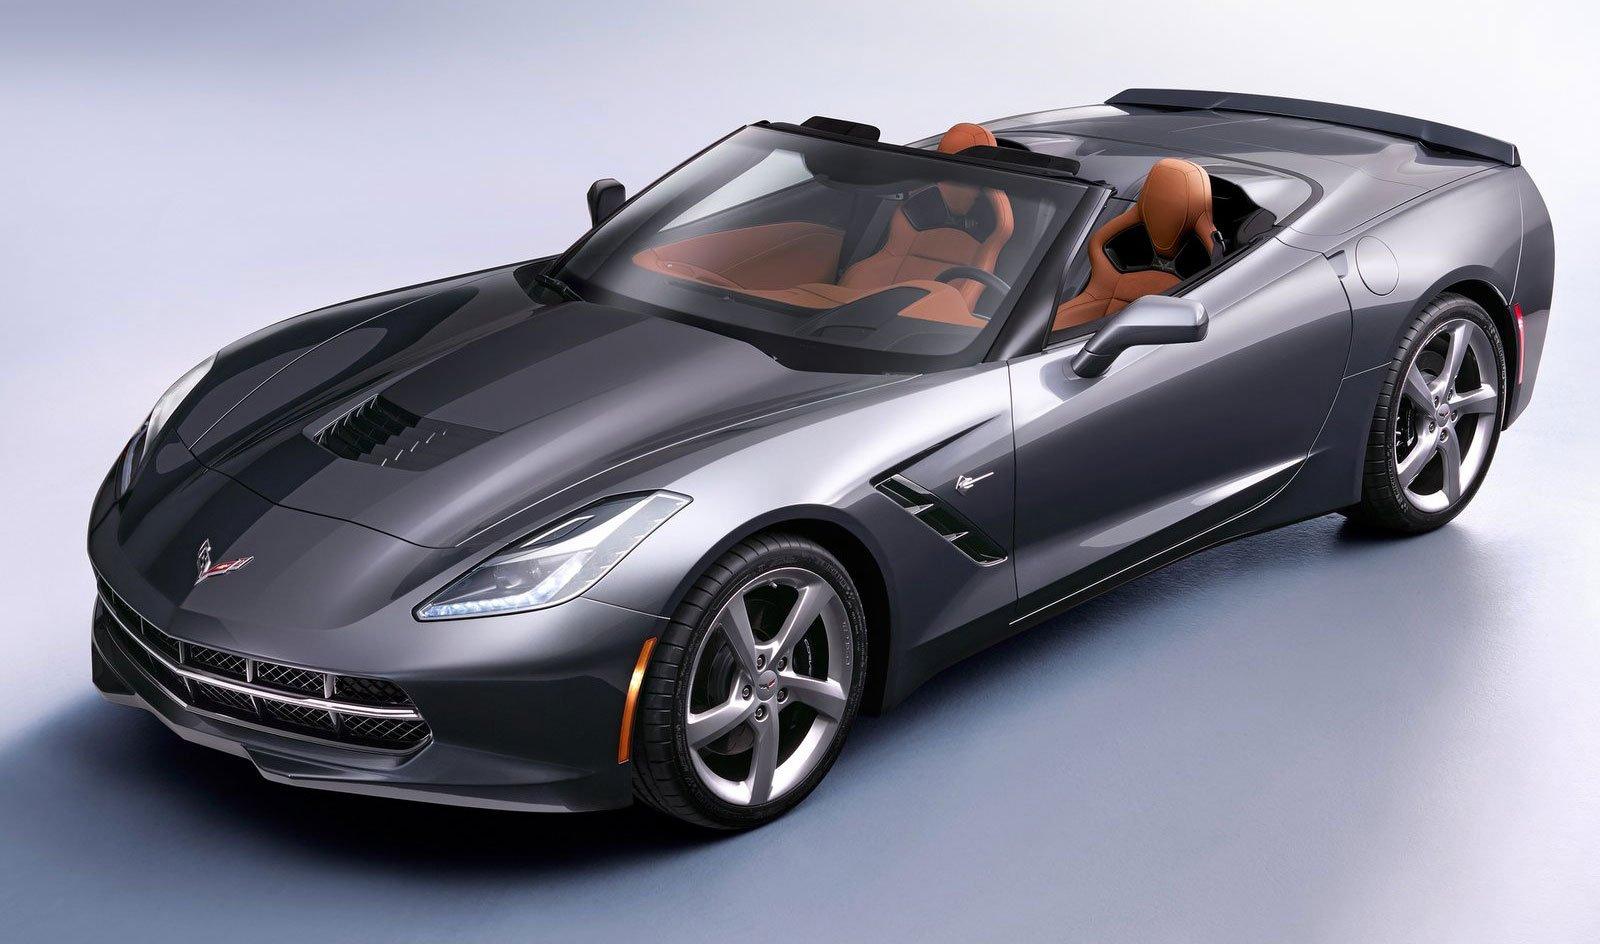 2014 Corvette Stingray For Sale >> Chevrolet Corvette C7 Stingray Convertible revealed